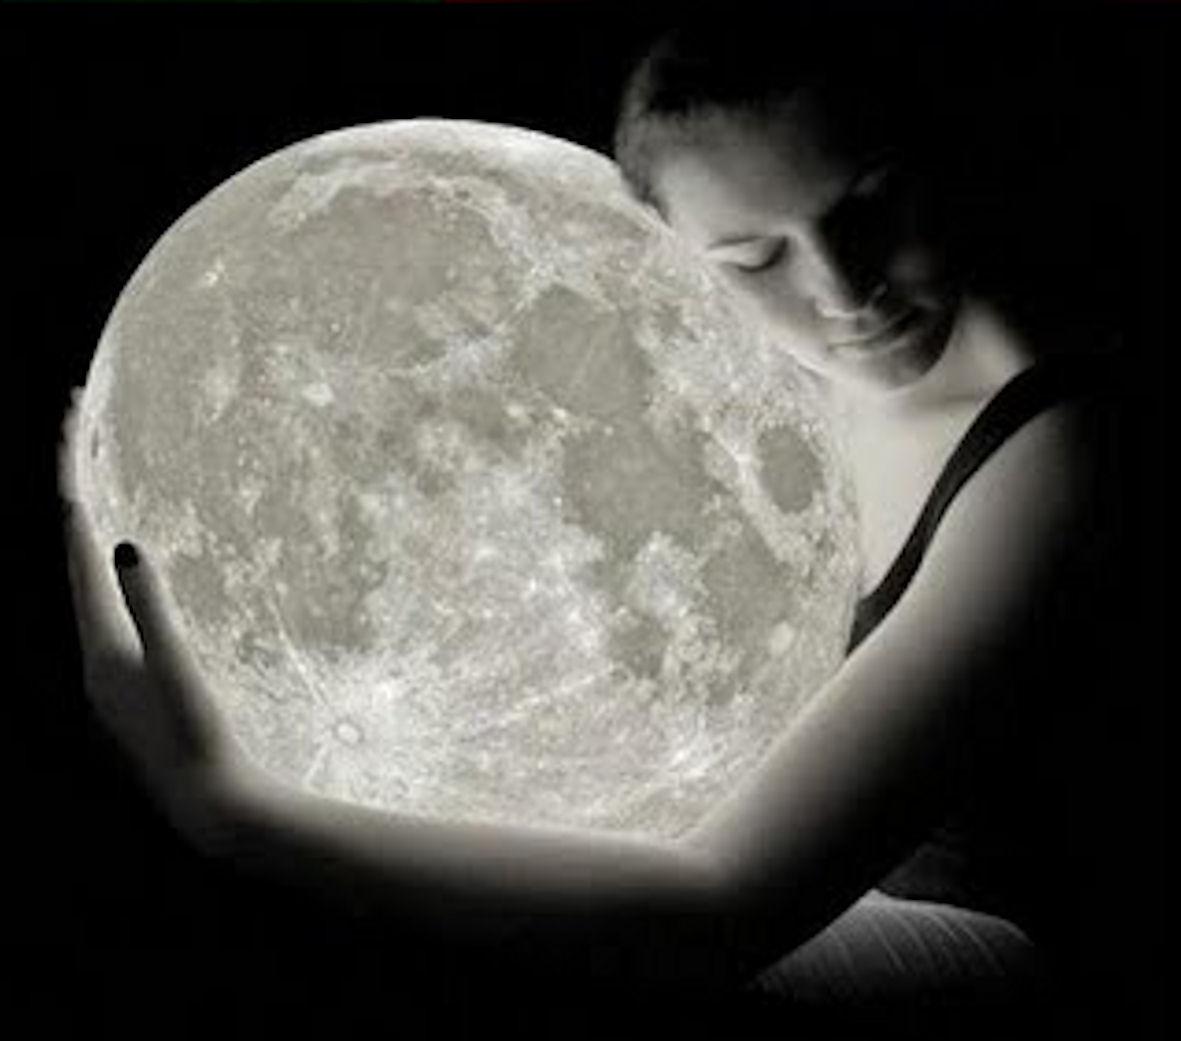 http://3.bp.blogspot.com/-qEbUL_3y5bs/UQuSevmNGWI/AAAAAAAABlw/LG19oh-Prg4/s1600/noche+de+amor+y+luna.jpg